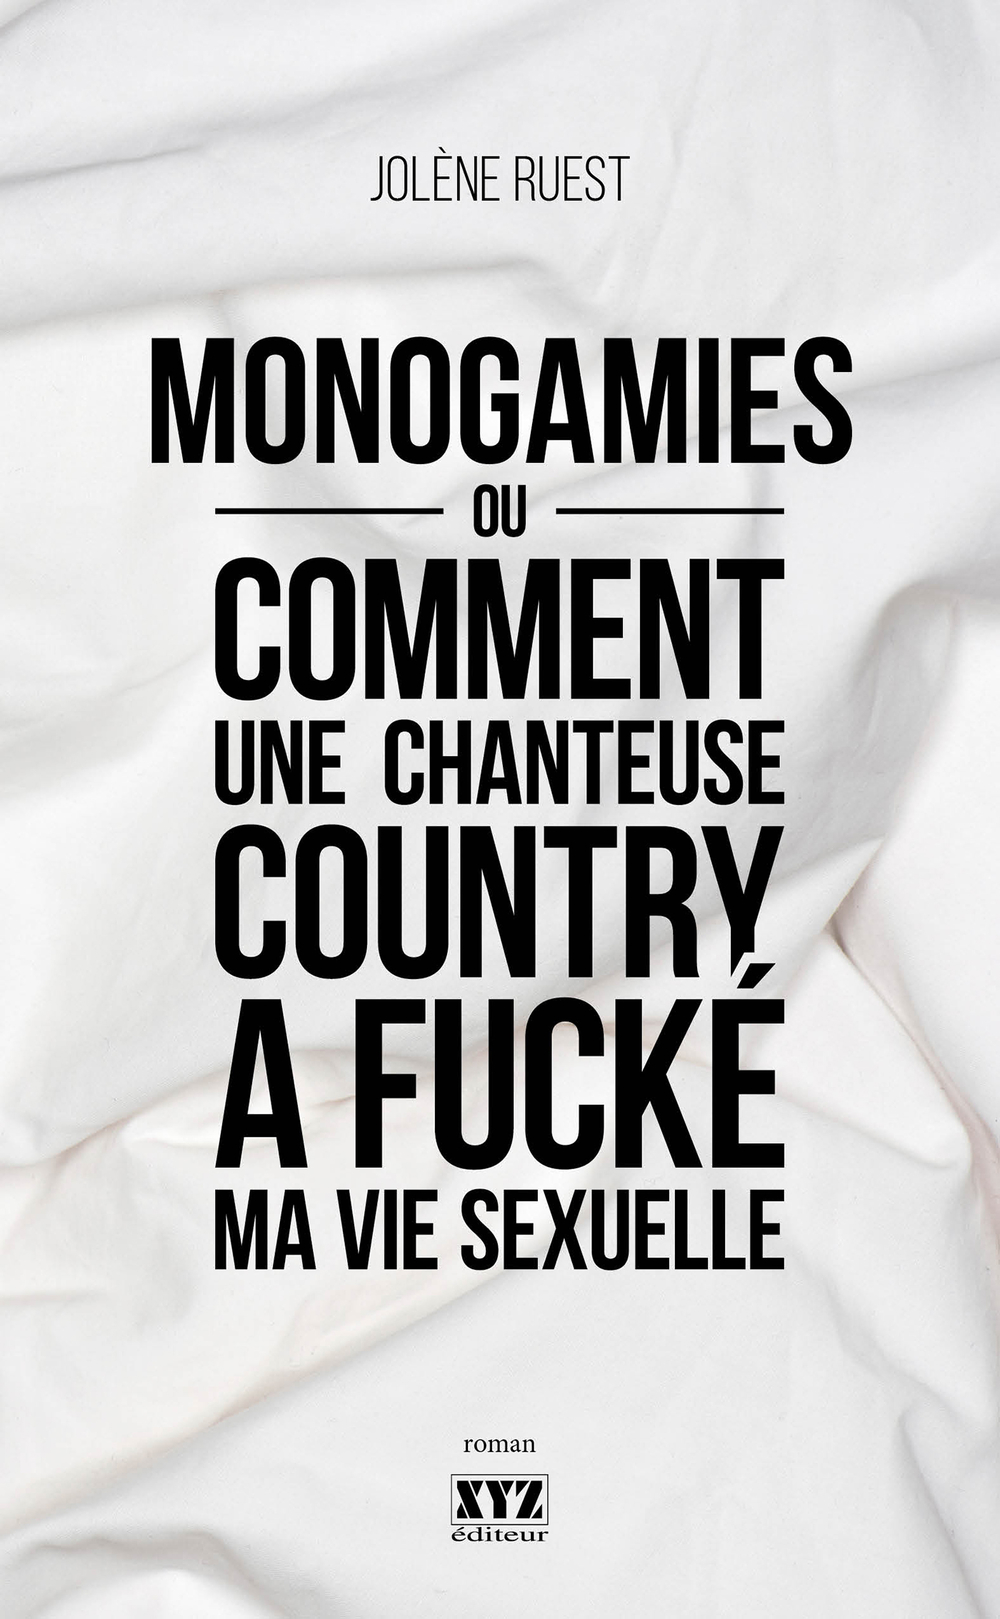 Monogamies